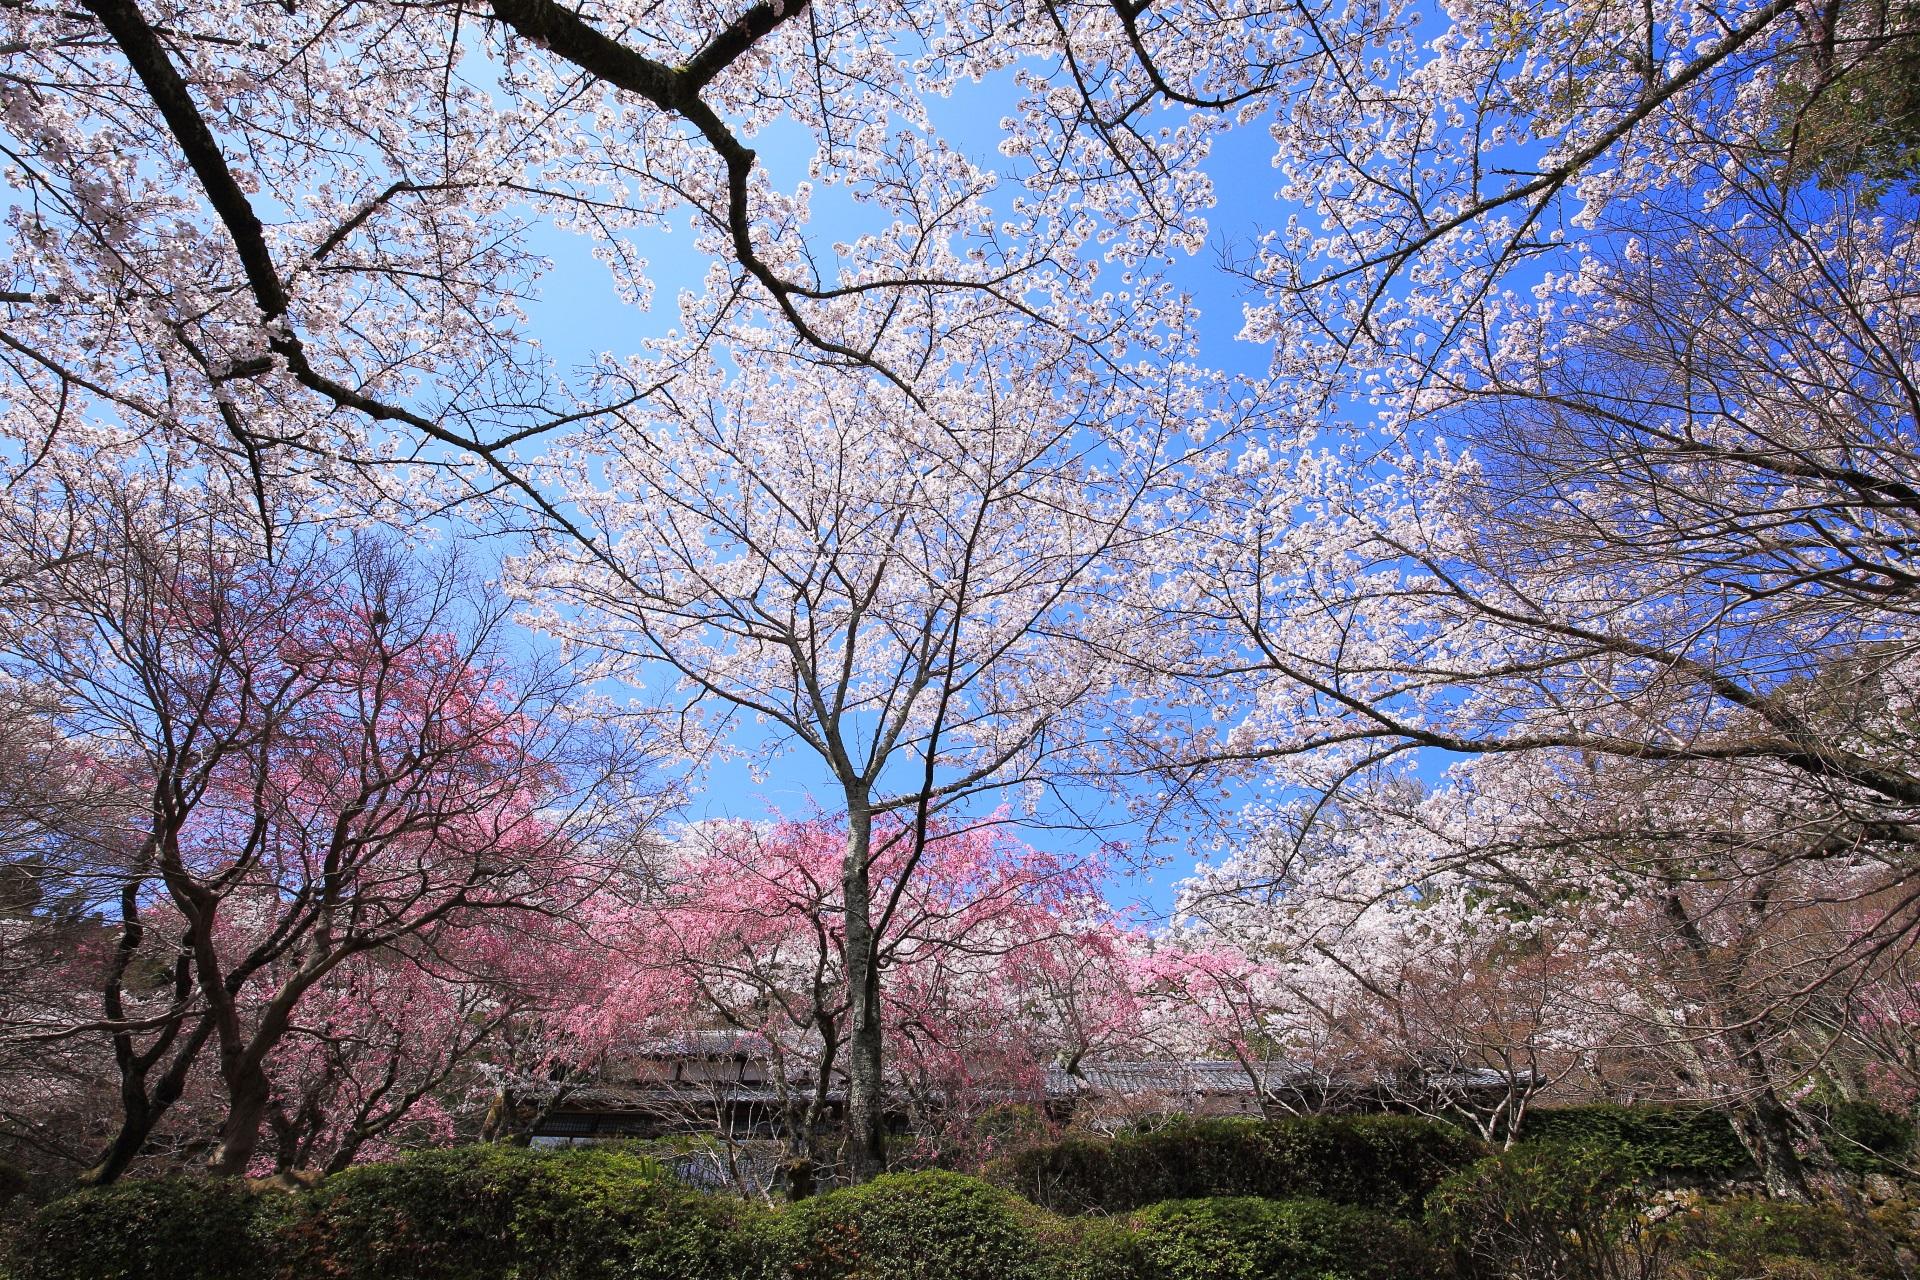 勝持寺の桜ヶ丘の桜